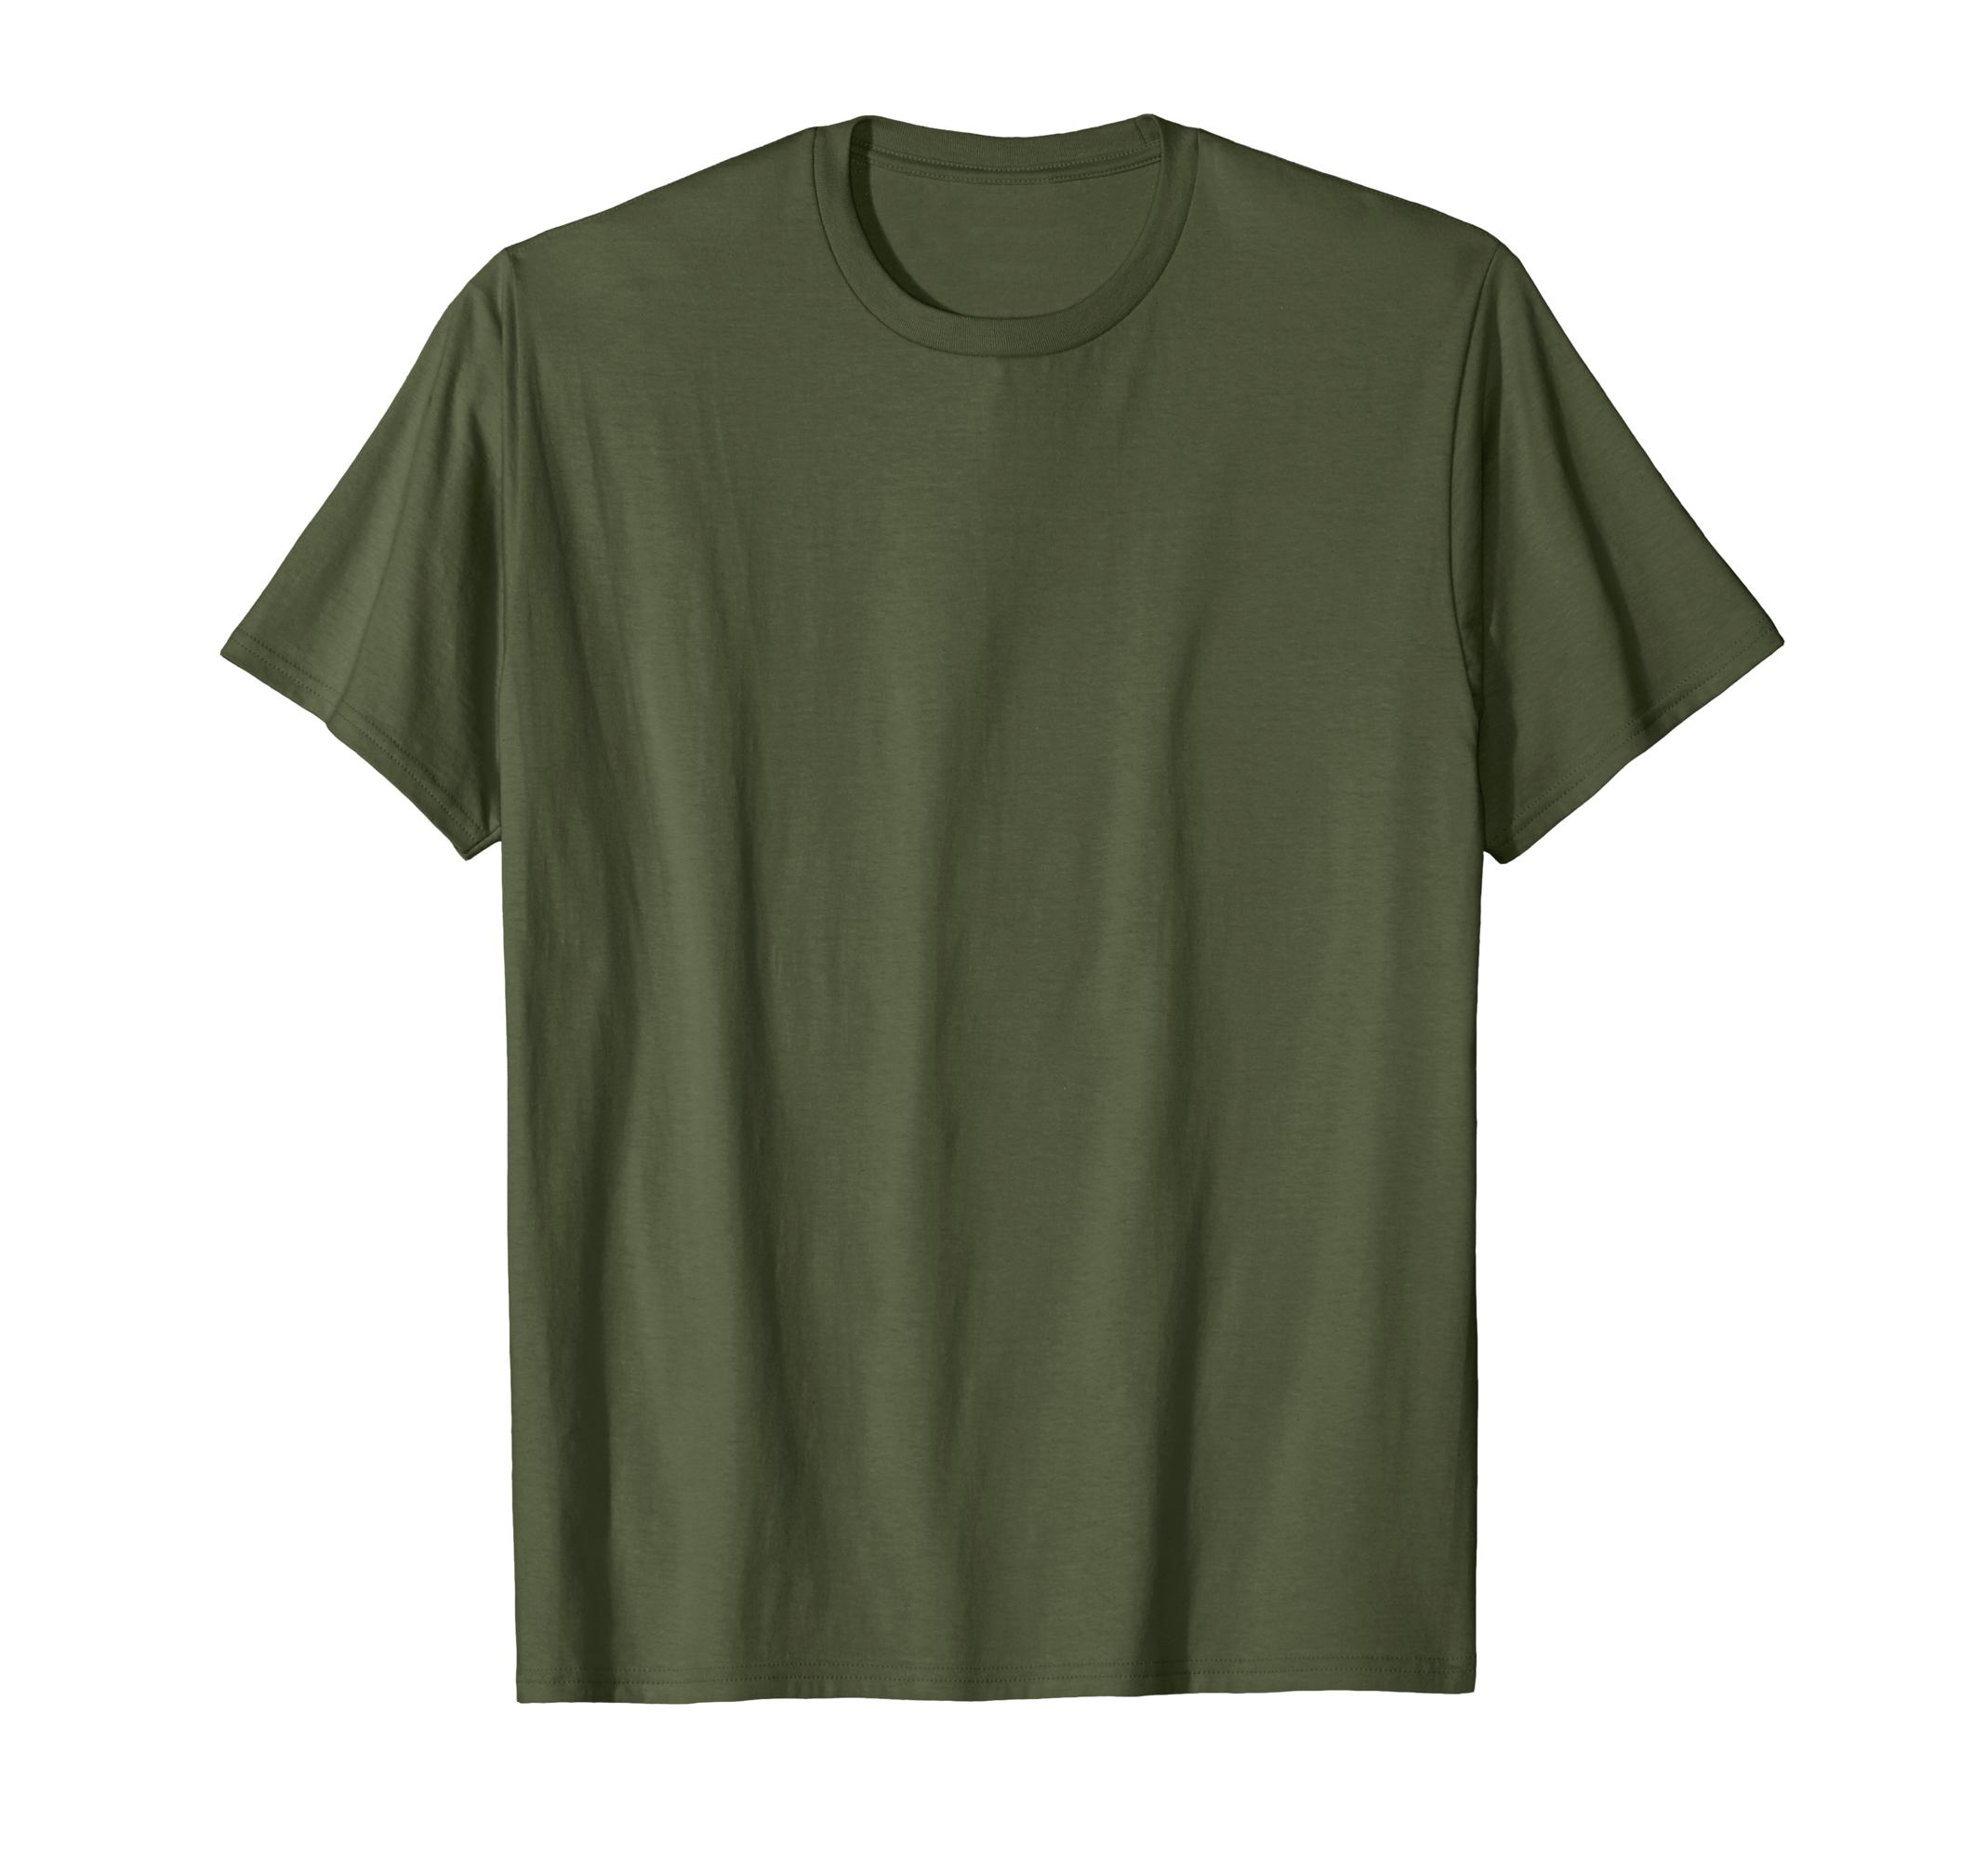 Golden Retriever T-Shirt Dog Top